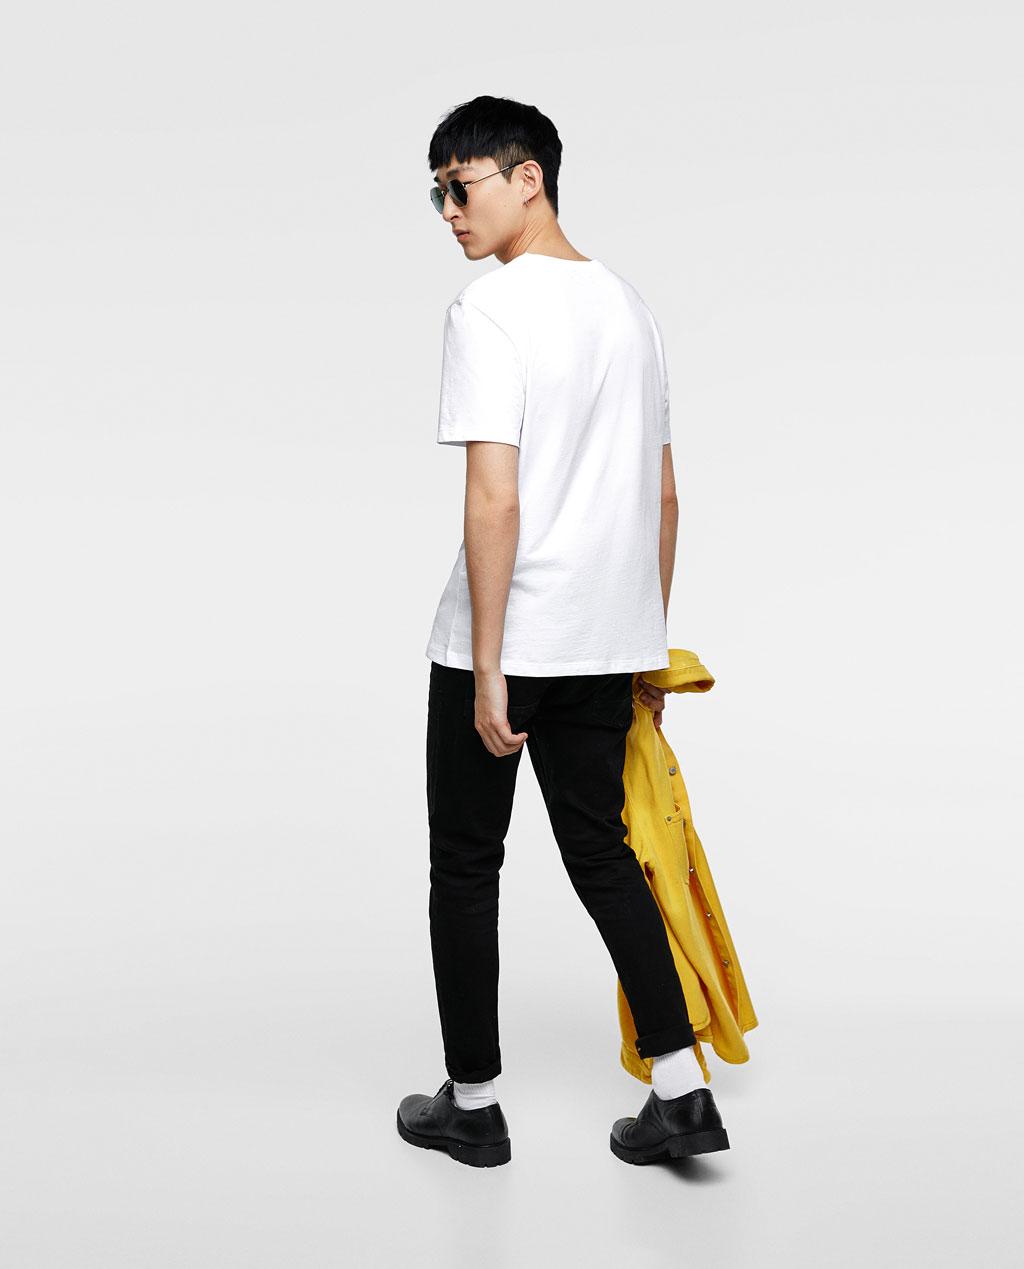 Thời trang nam Zara  24048 - ảnh 5